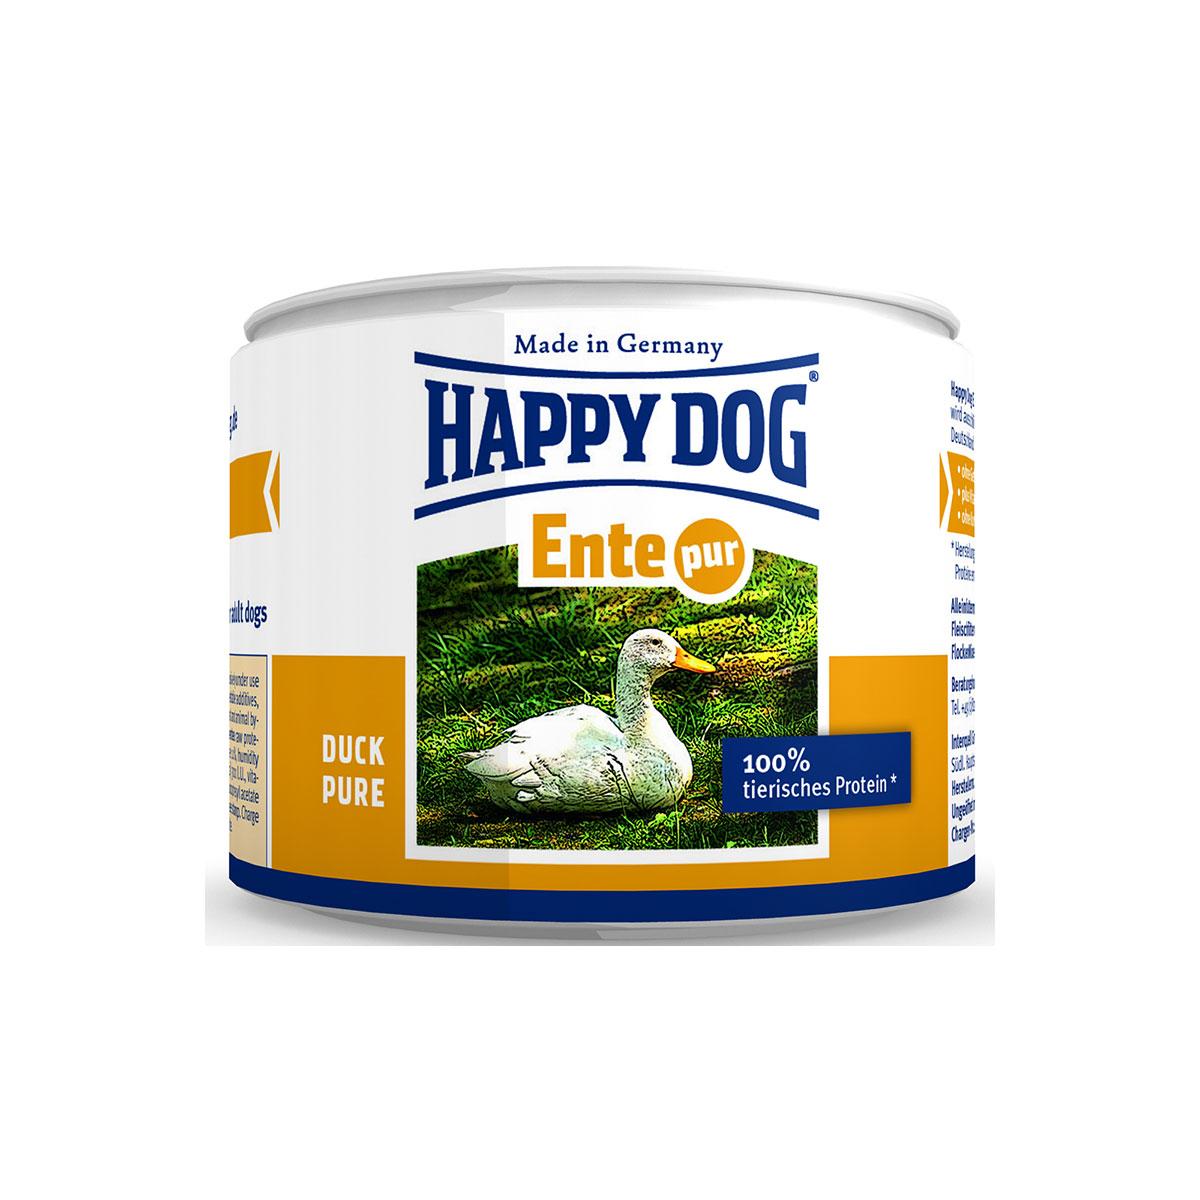 happy dog hundefutter ente pur g nstig kaufen bei zooroyal. Black Bedroom Furniture Sets. Home Design Ideas